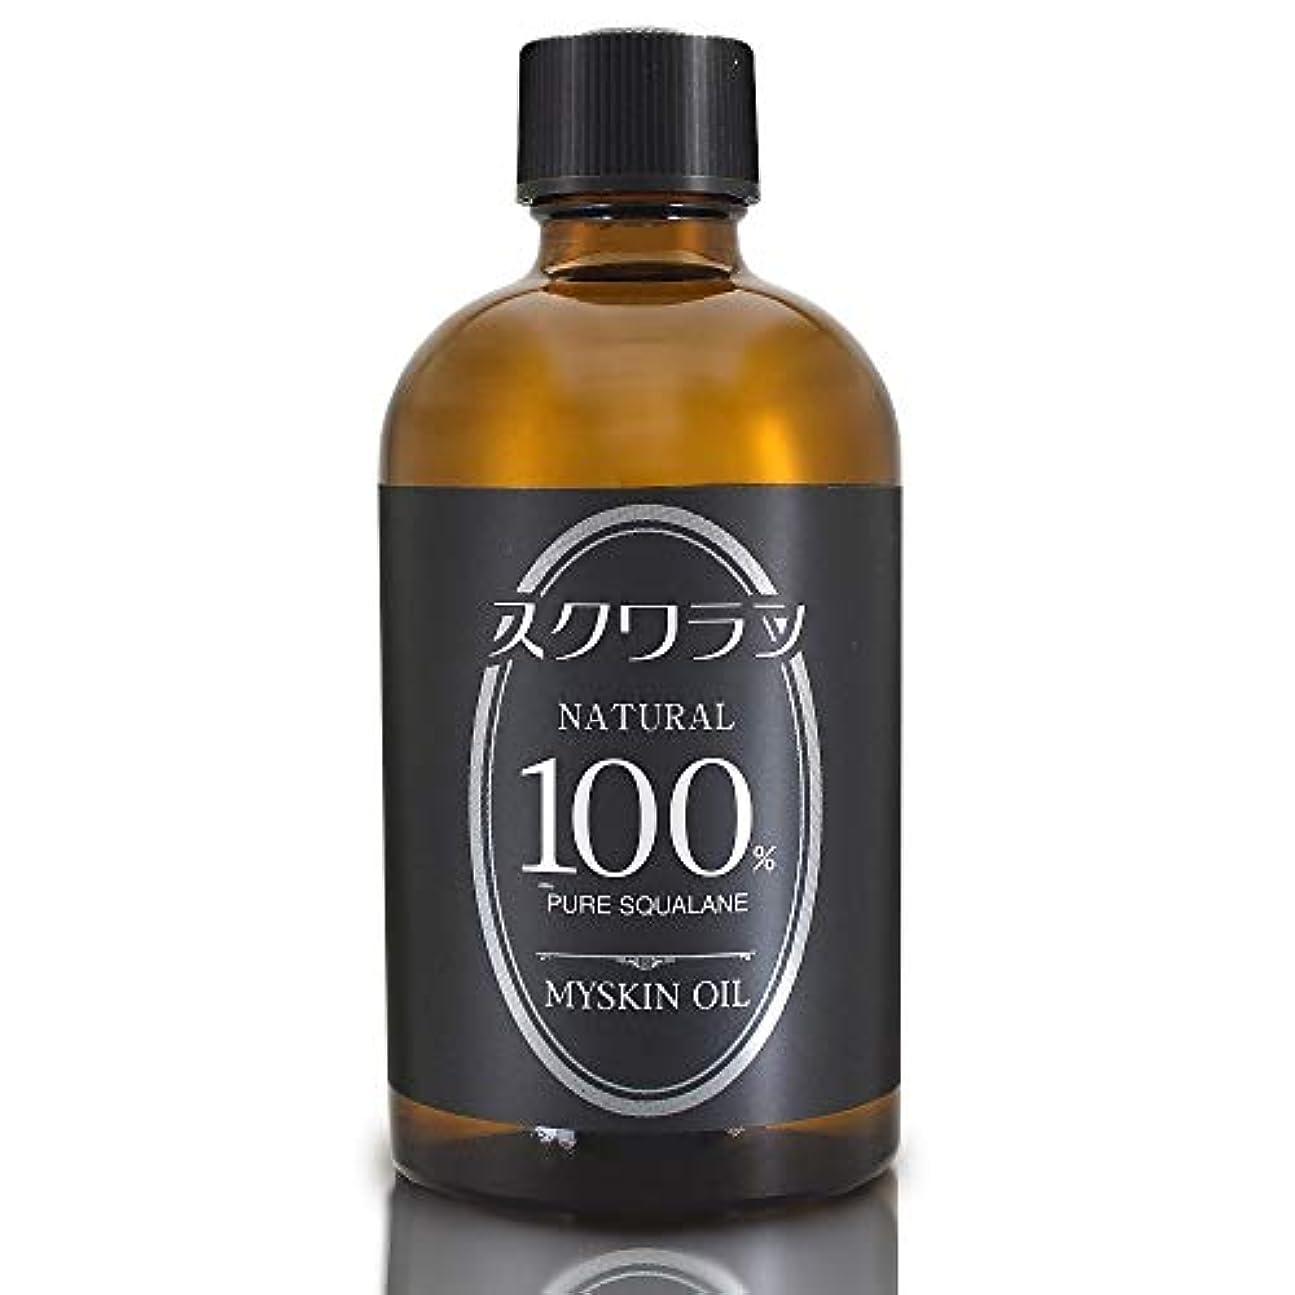 絵死ぬ許可MYSKIN(マイスキン) スクワランオイル 120ml【無添加】